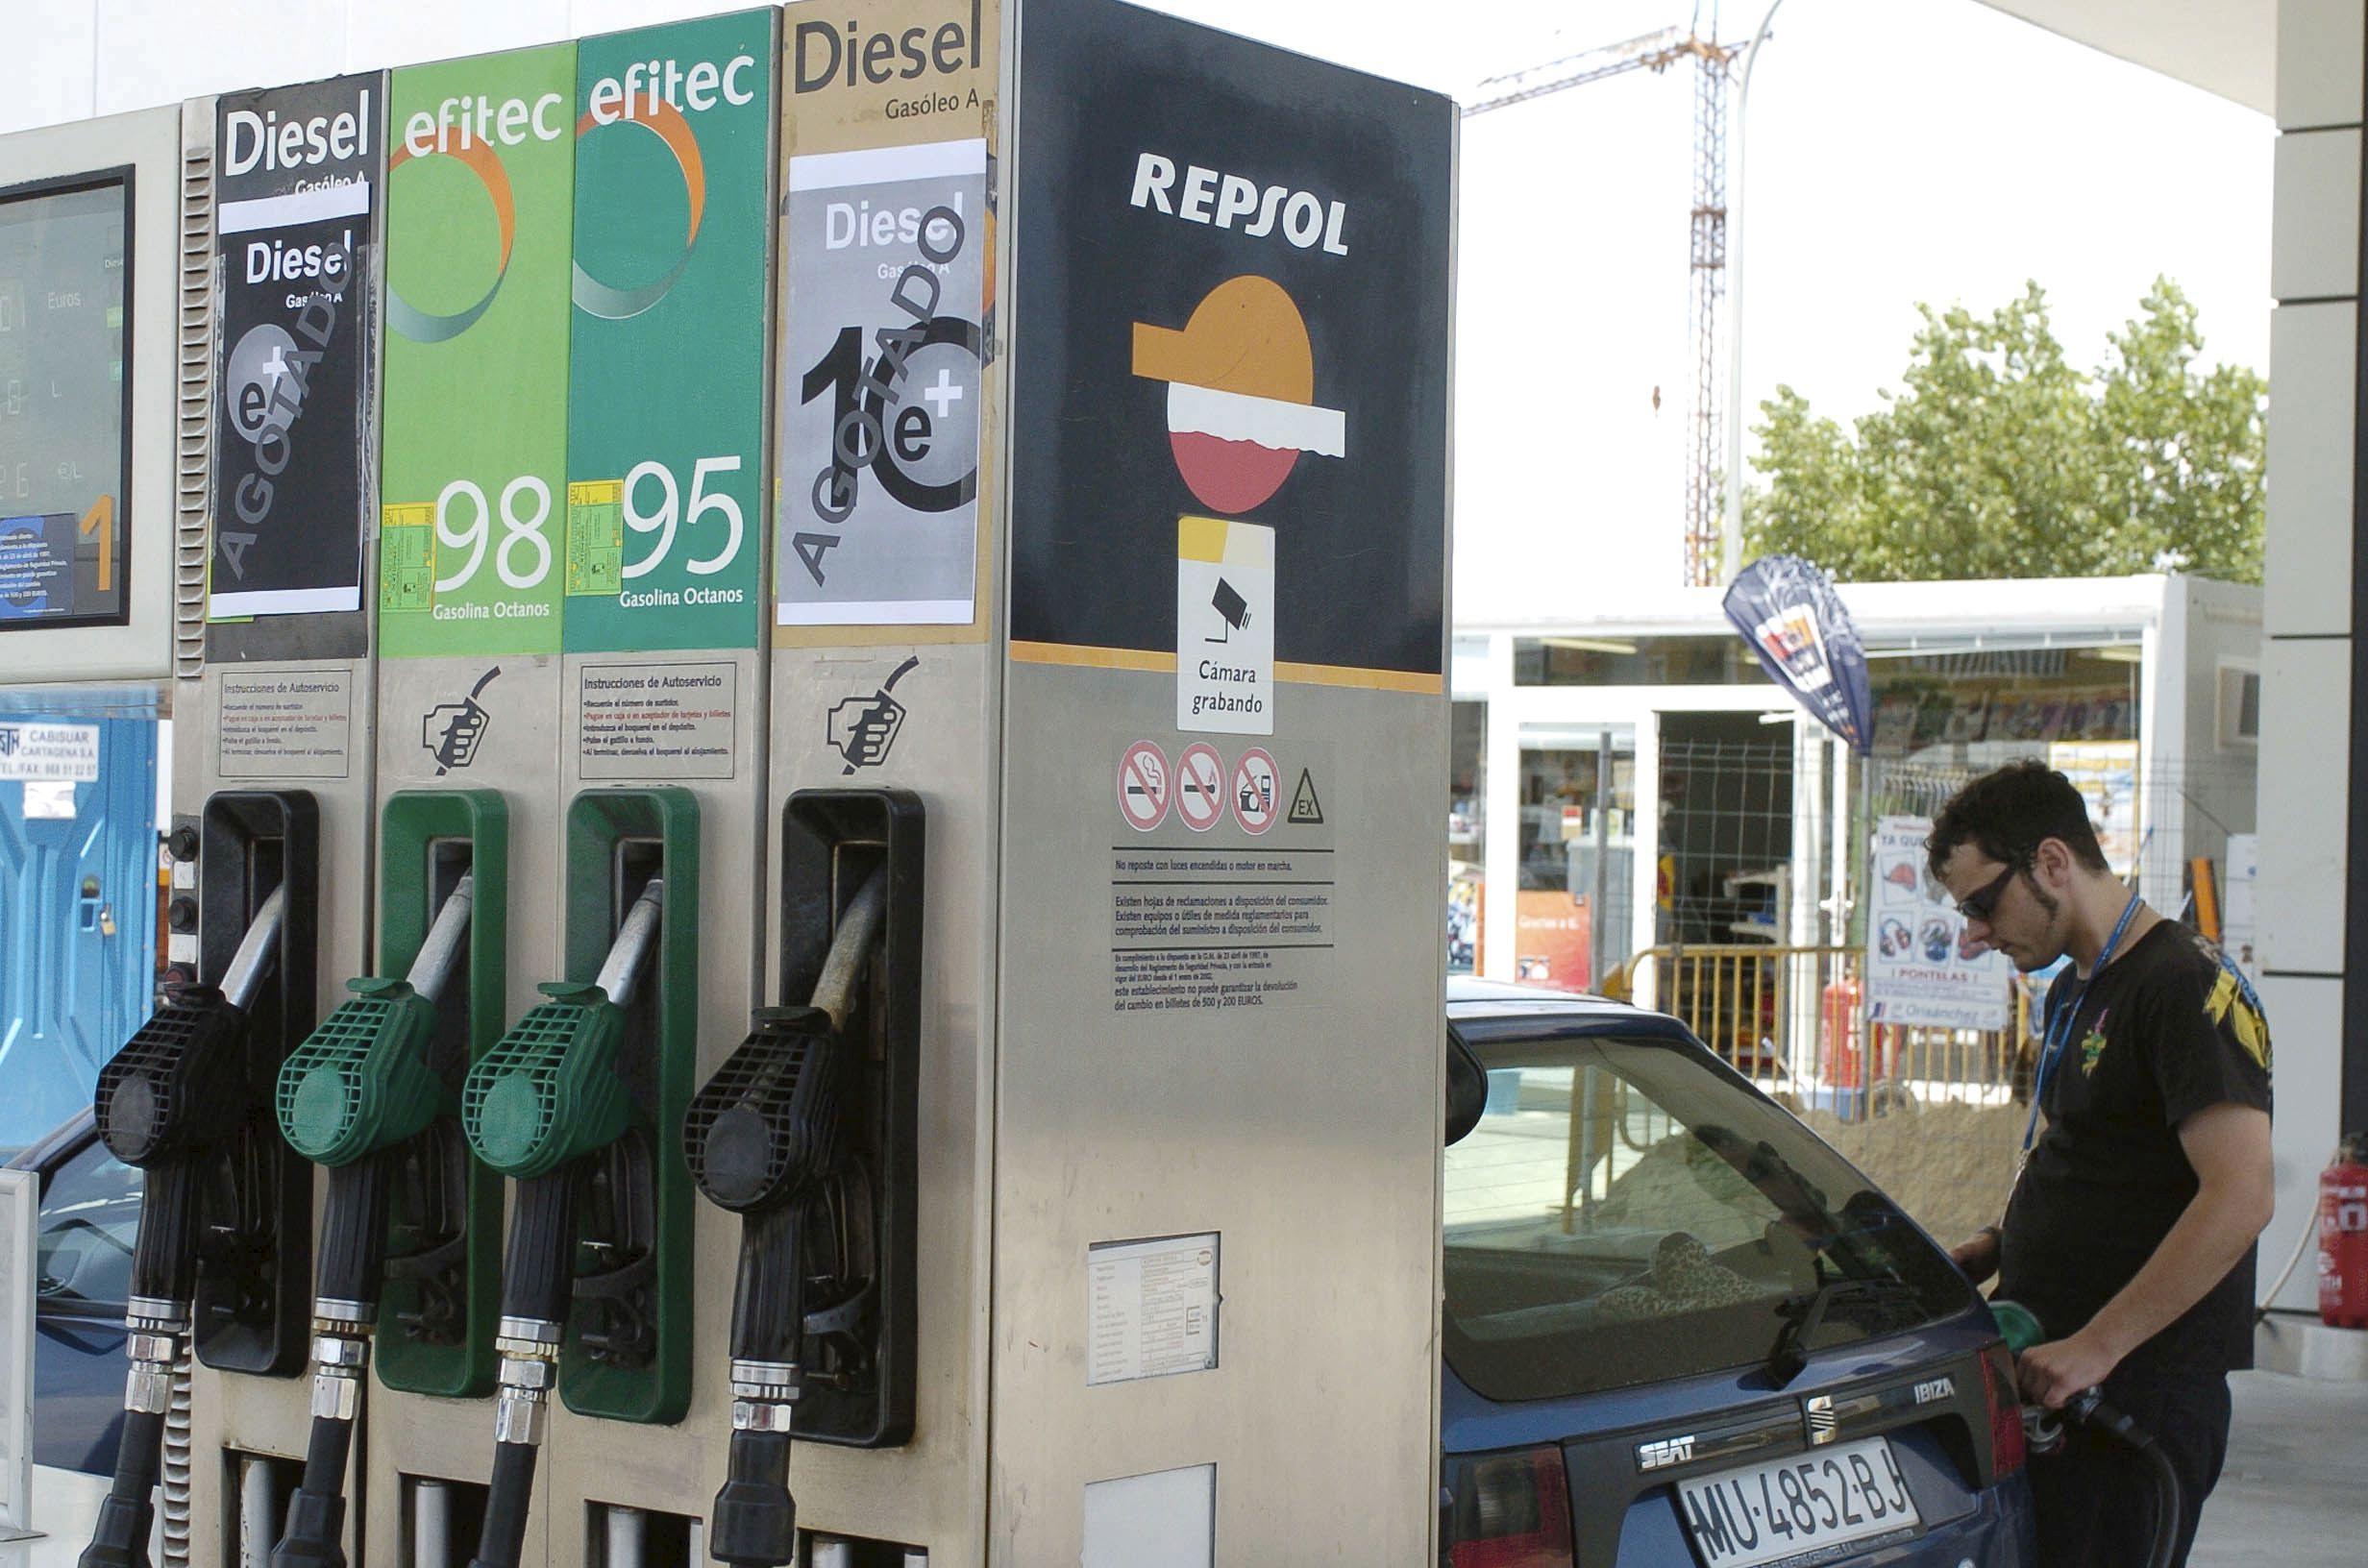 El CNE apunta a un «efecto viernes» en carburantes tras la estrategia de Repsol